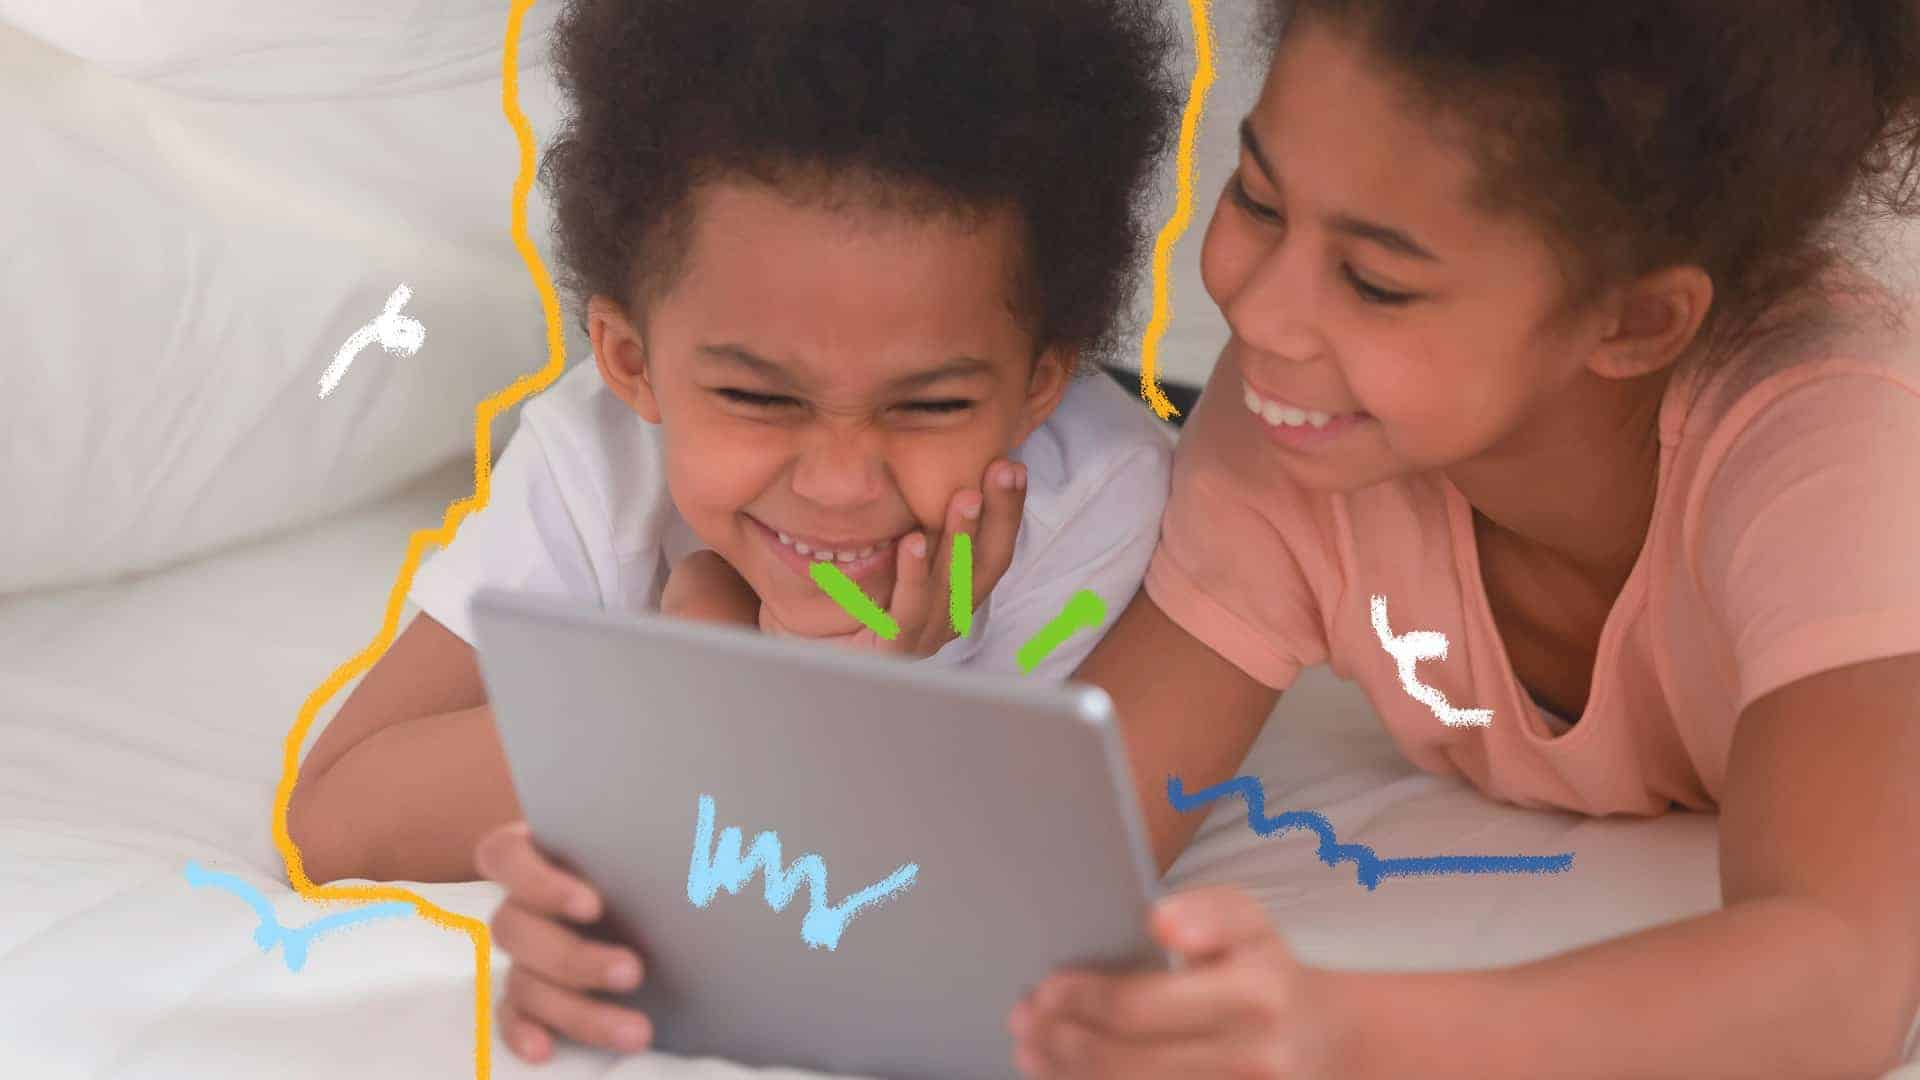 11 conteúdos para crianças que estimulam uma educação antirracista